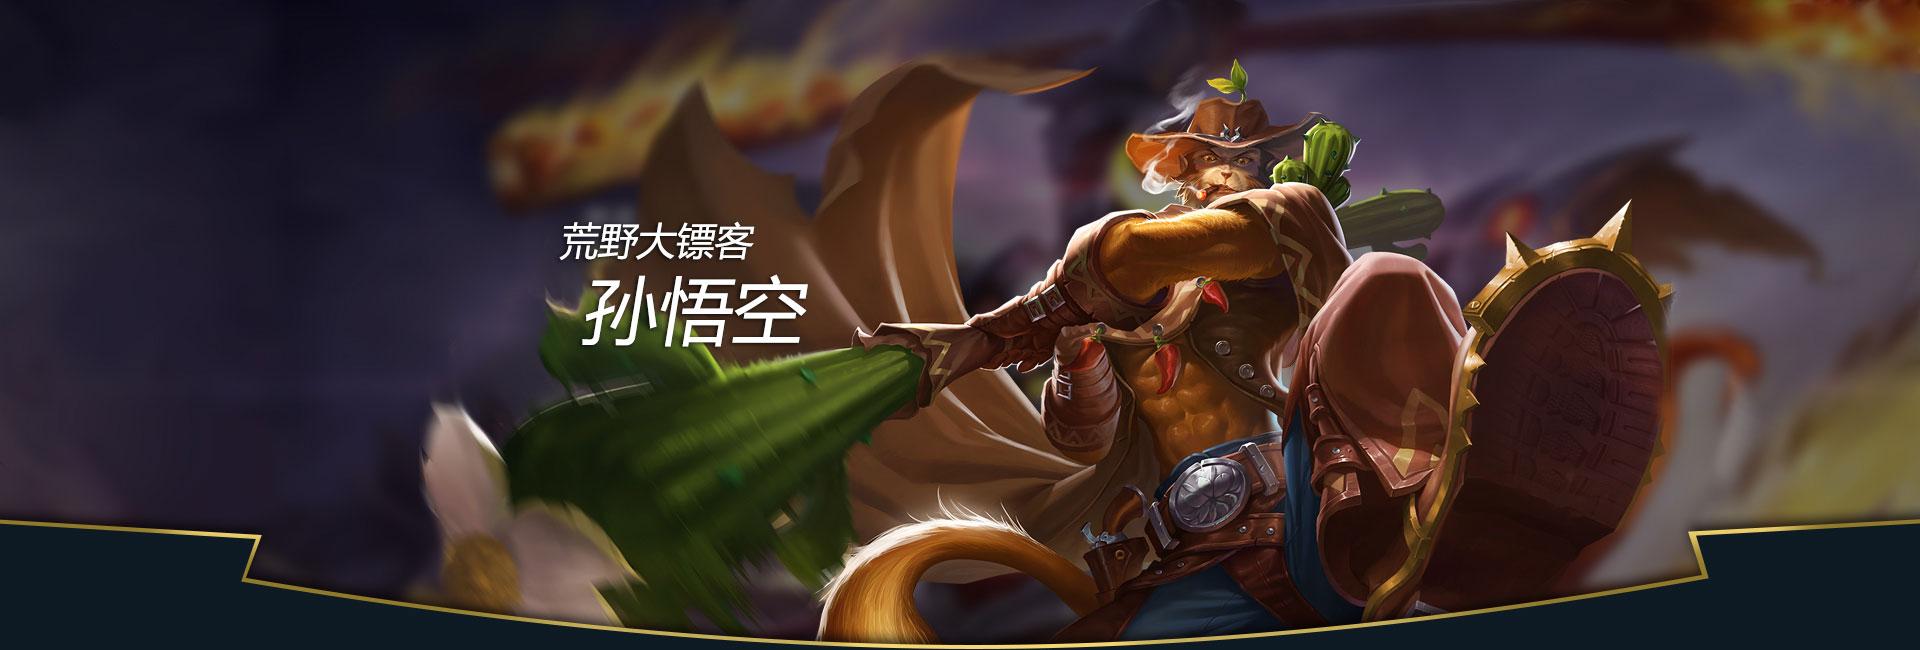 第2弹《王者荣耀英雄皮肤CG》竞技游戏122